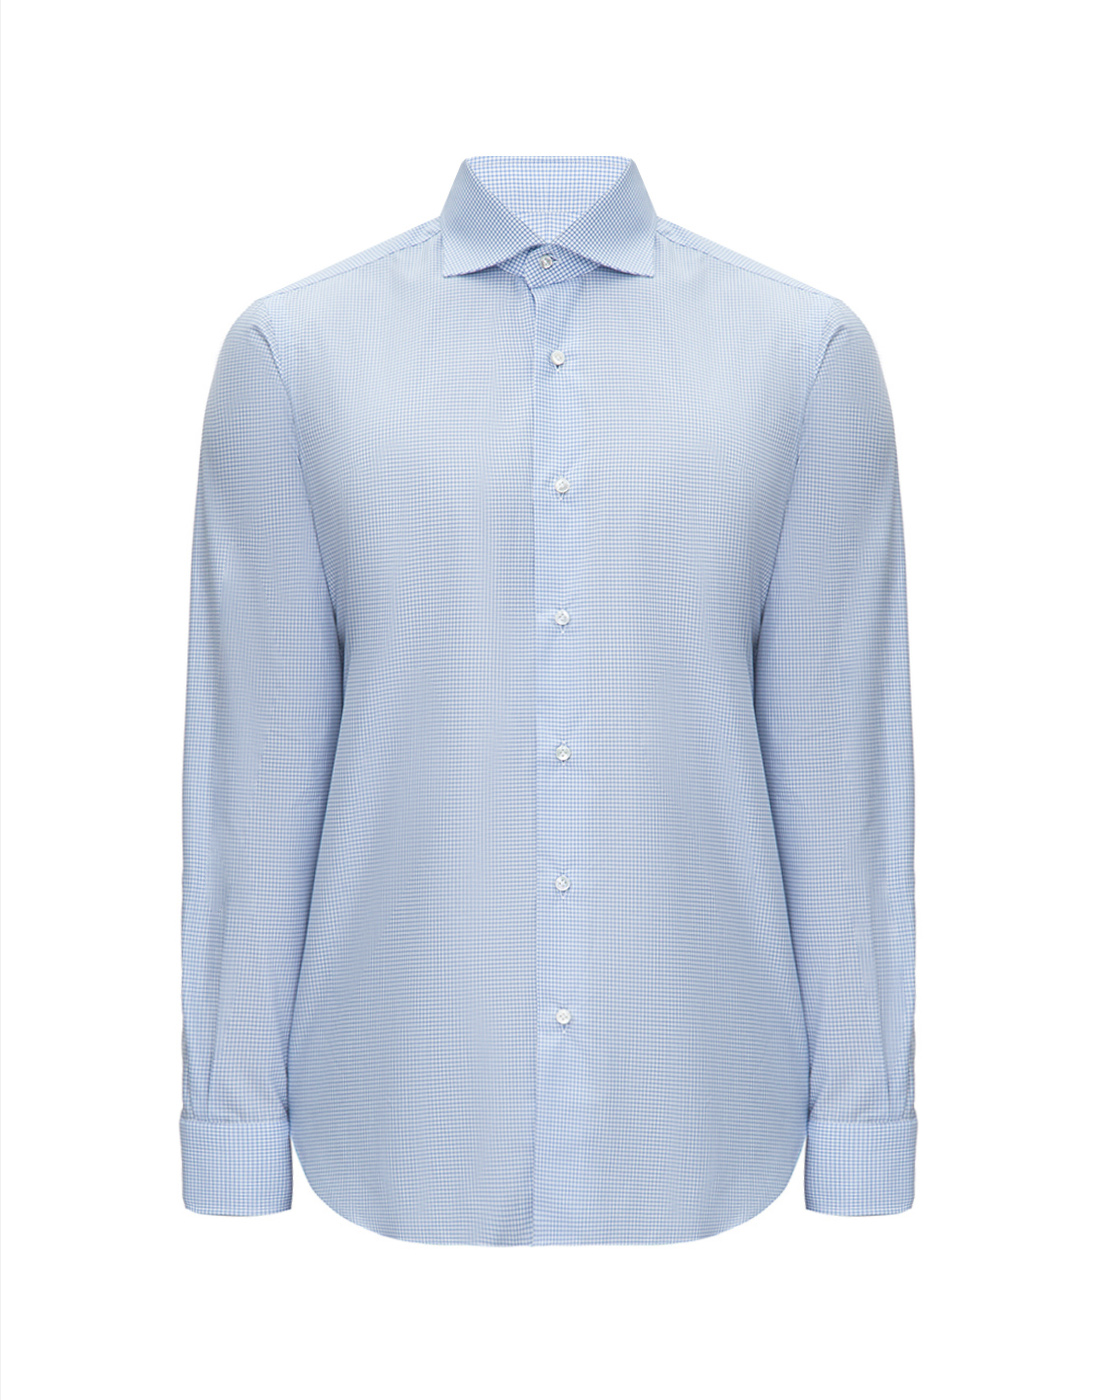 Мужская голубая рубашка в клетку Barba SD4U132593804U-1